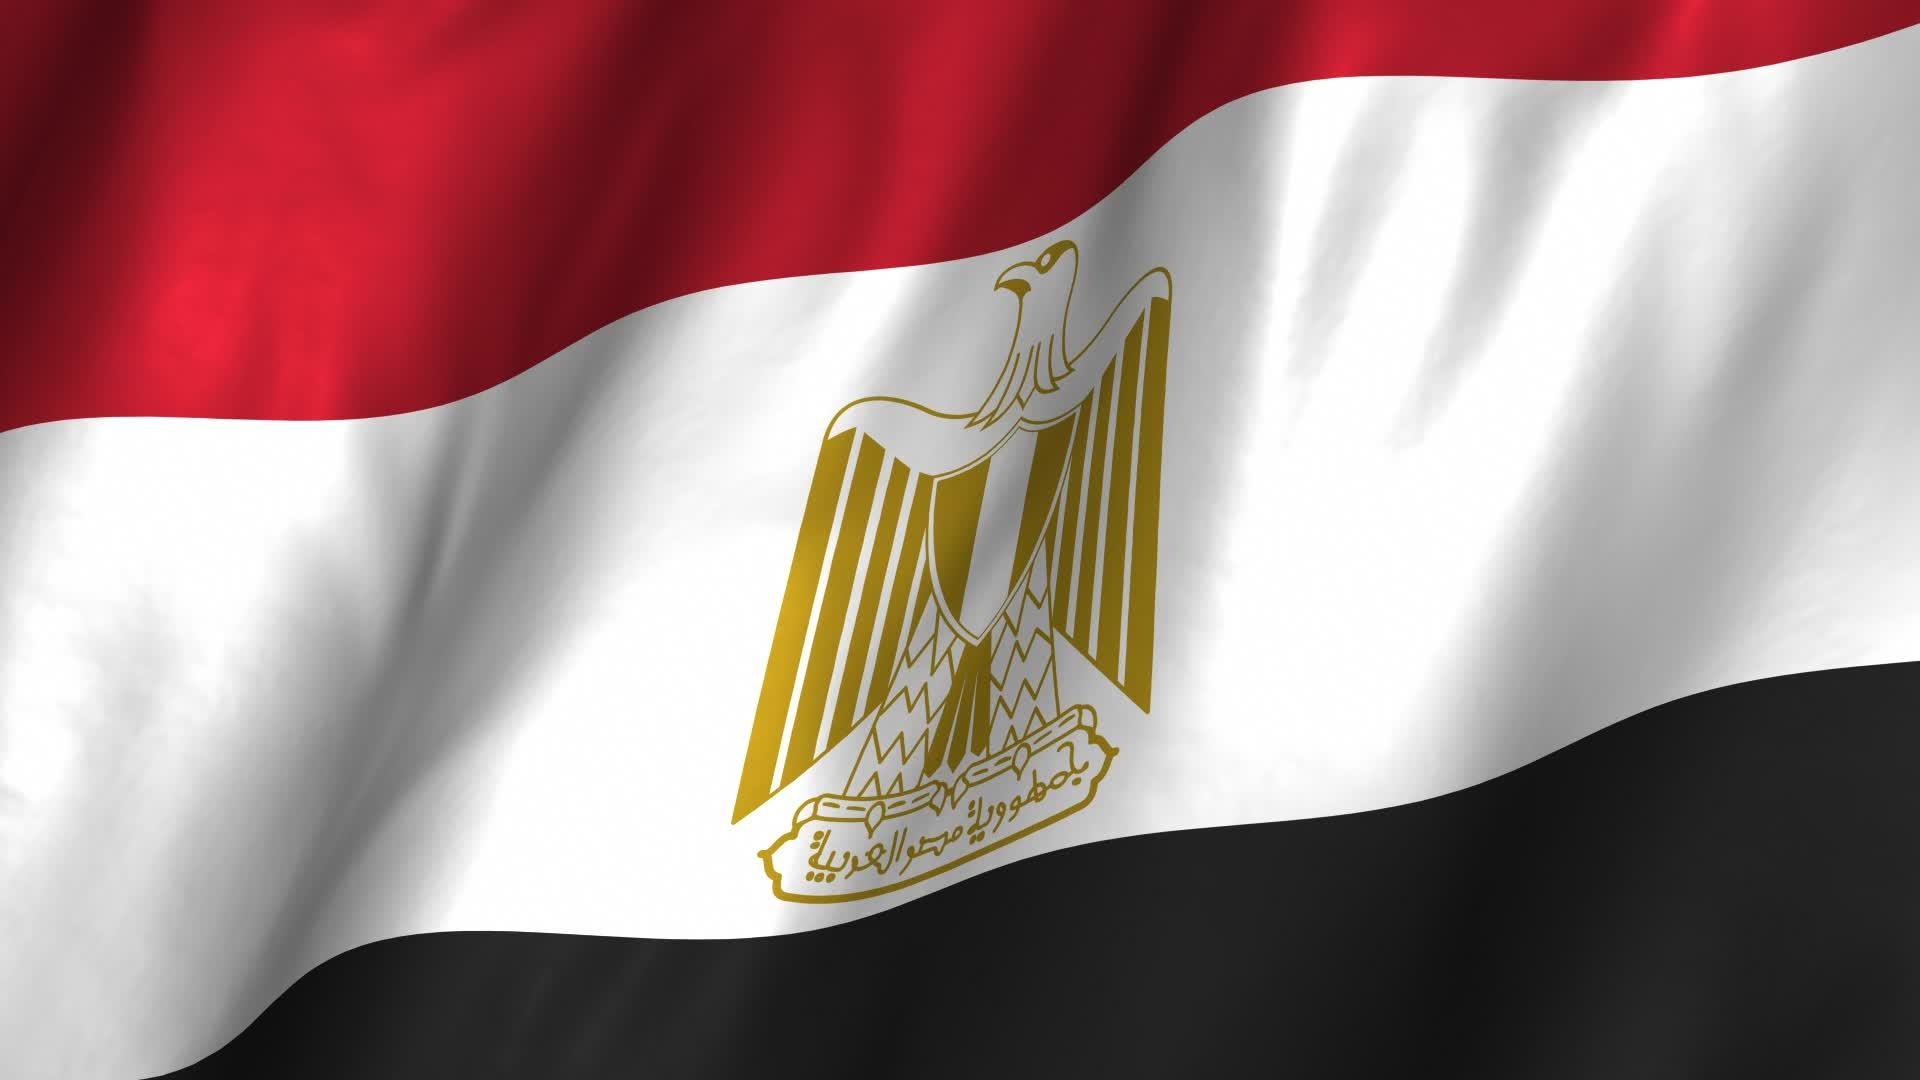 كلمات اغاني وطنية 2016 احتفالا بالذكري الخامسة من ثورة 25 يناير